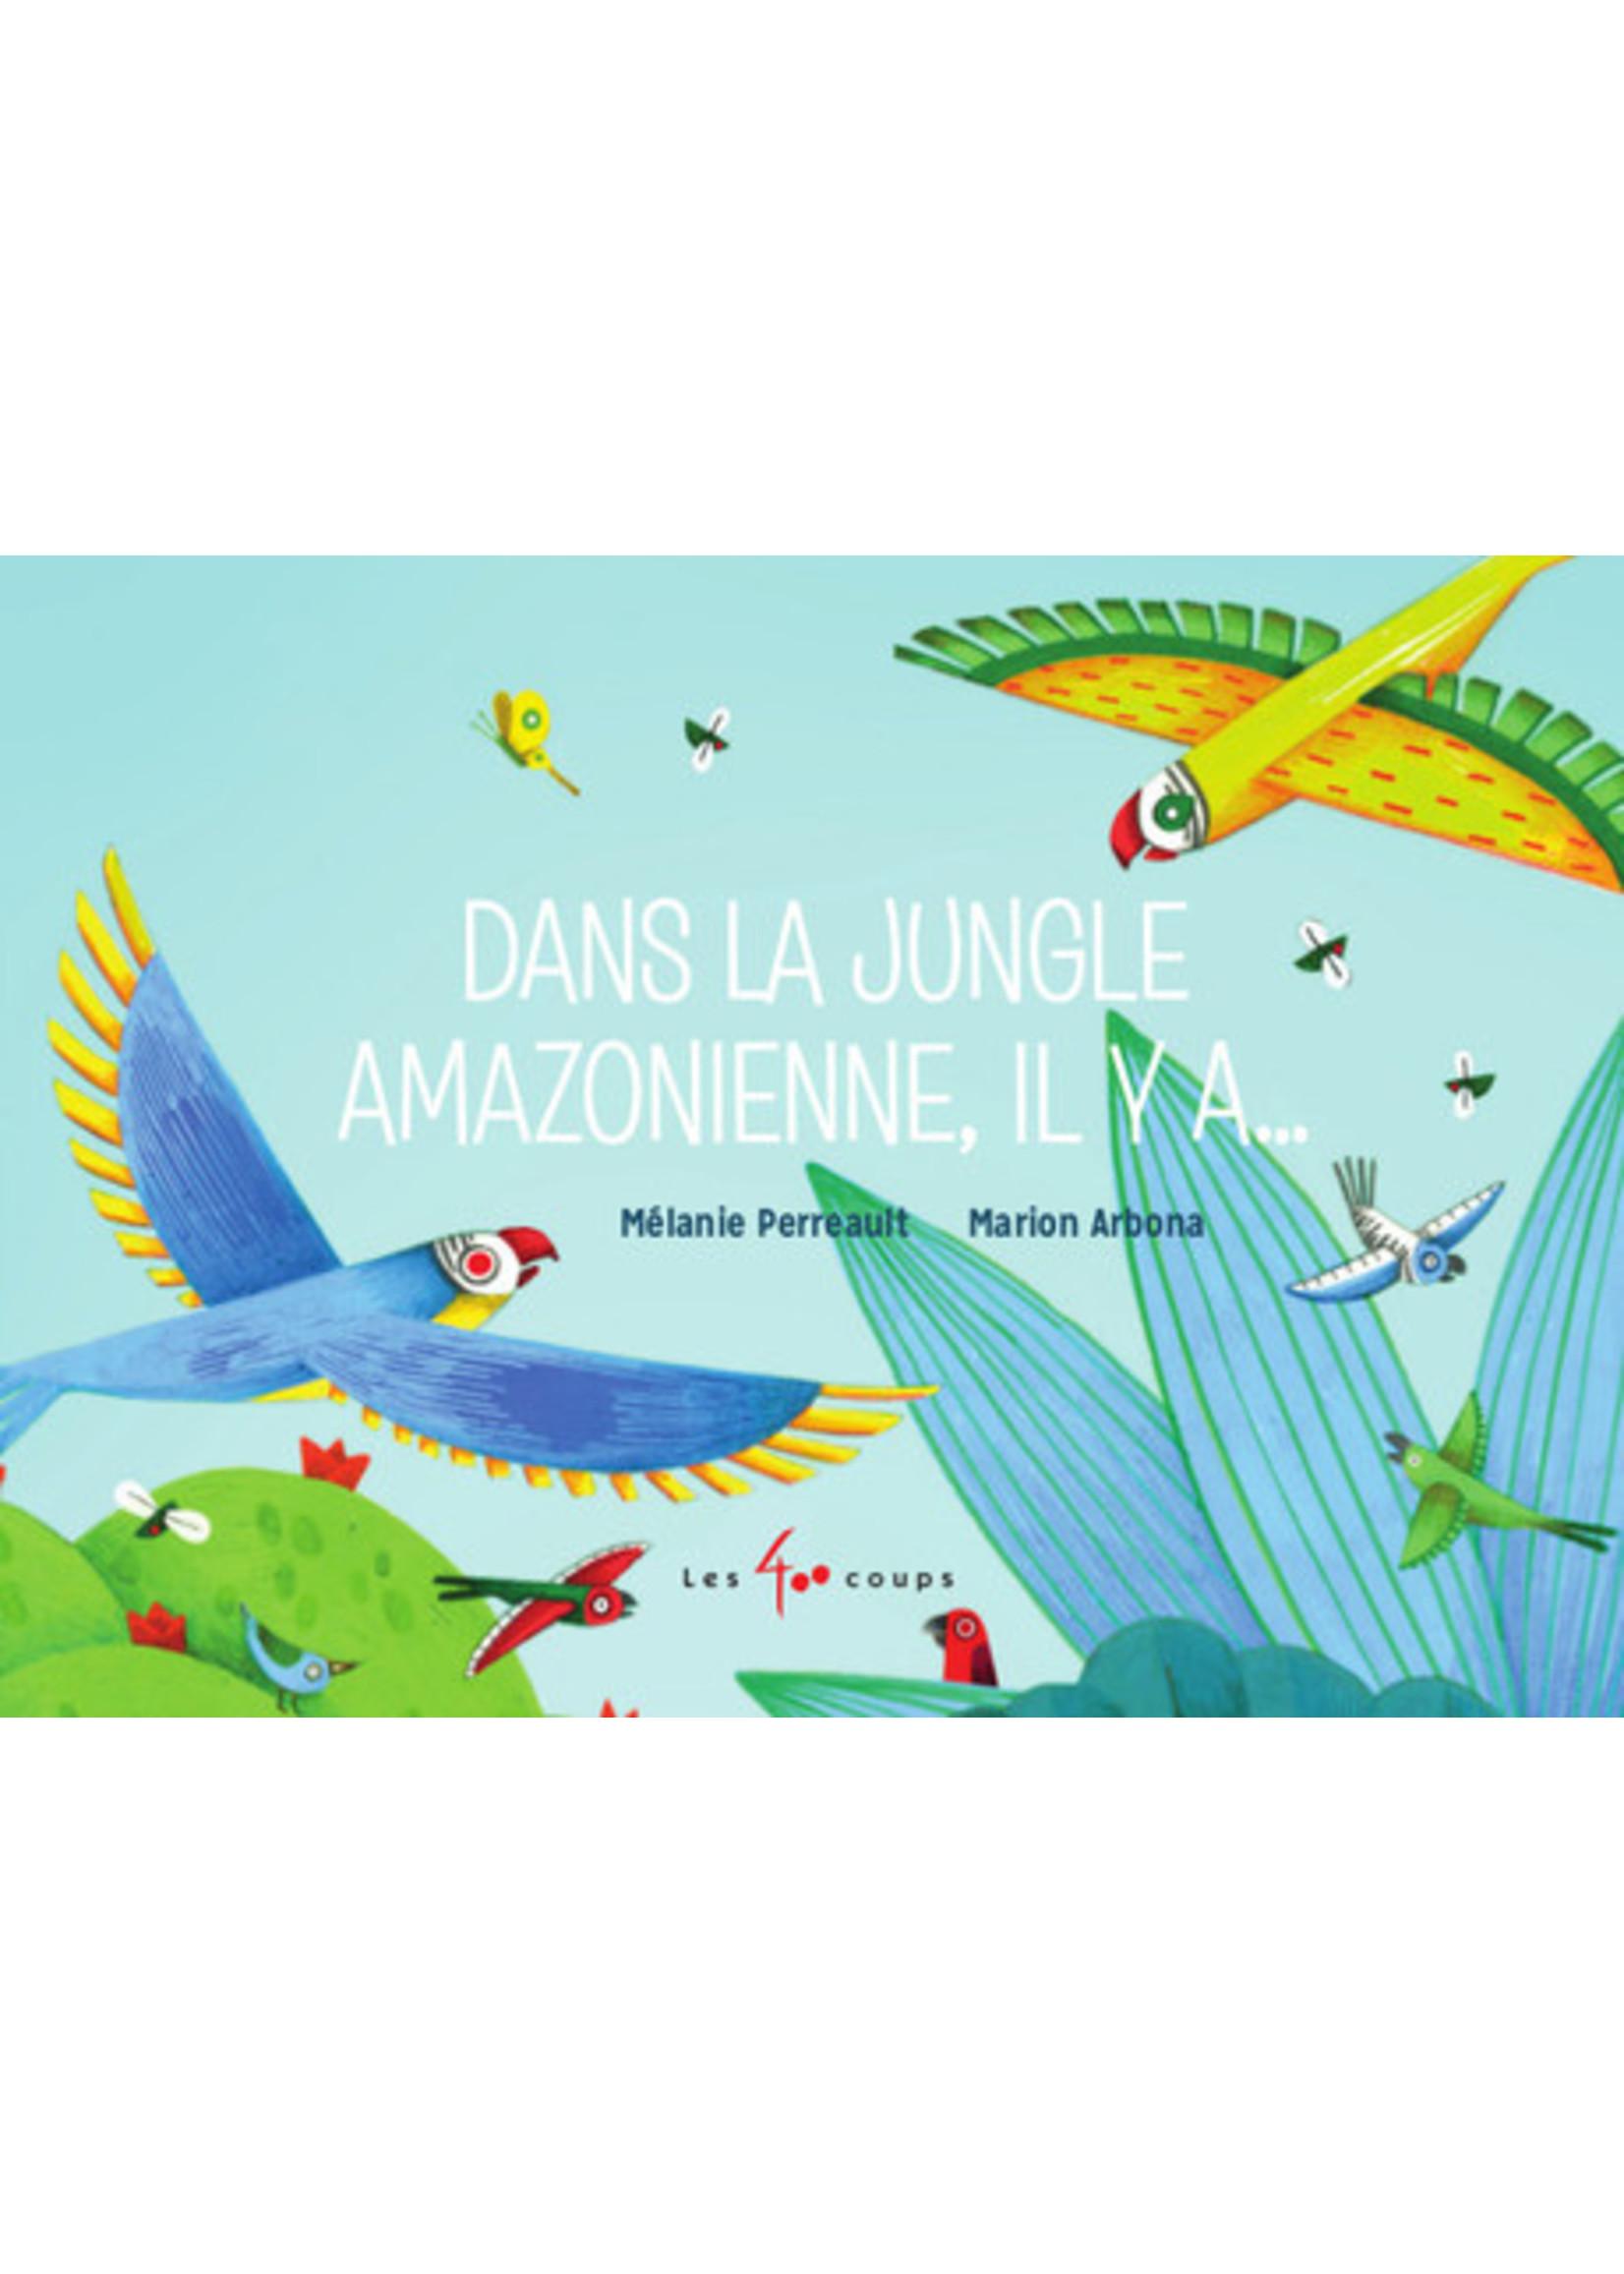 Les 400 coups Dans la jungle amazonienne, il y a…